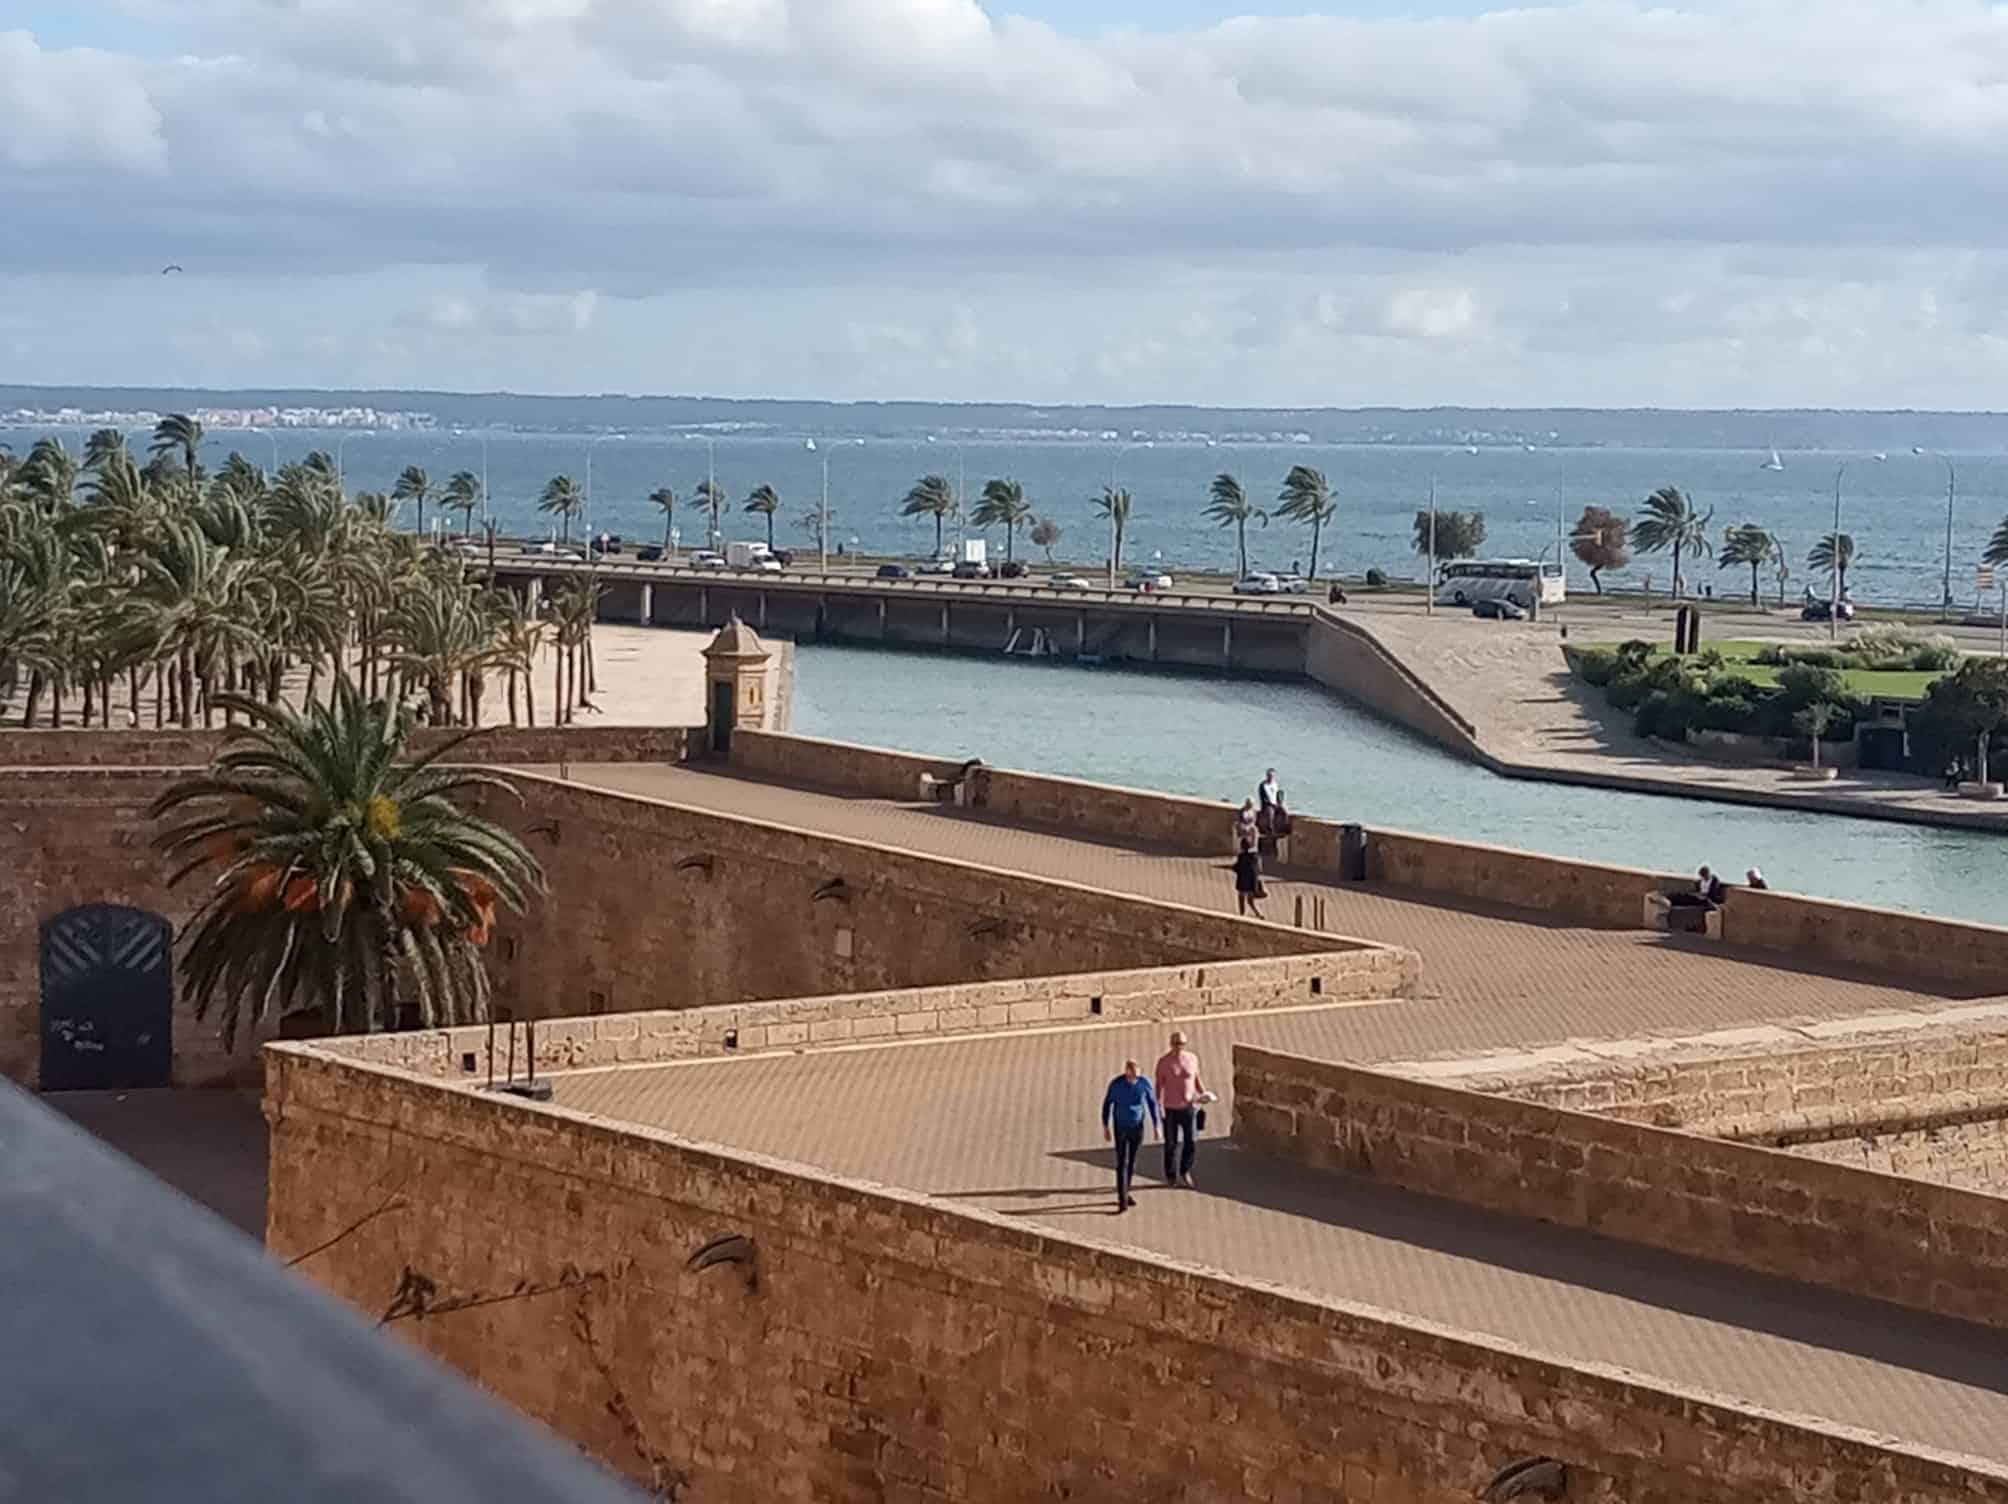 Palma Kurztrip - nur 23,98€ Städtereisen Palma de Mallorca